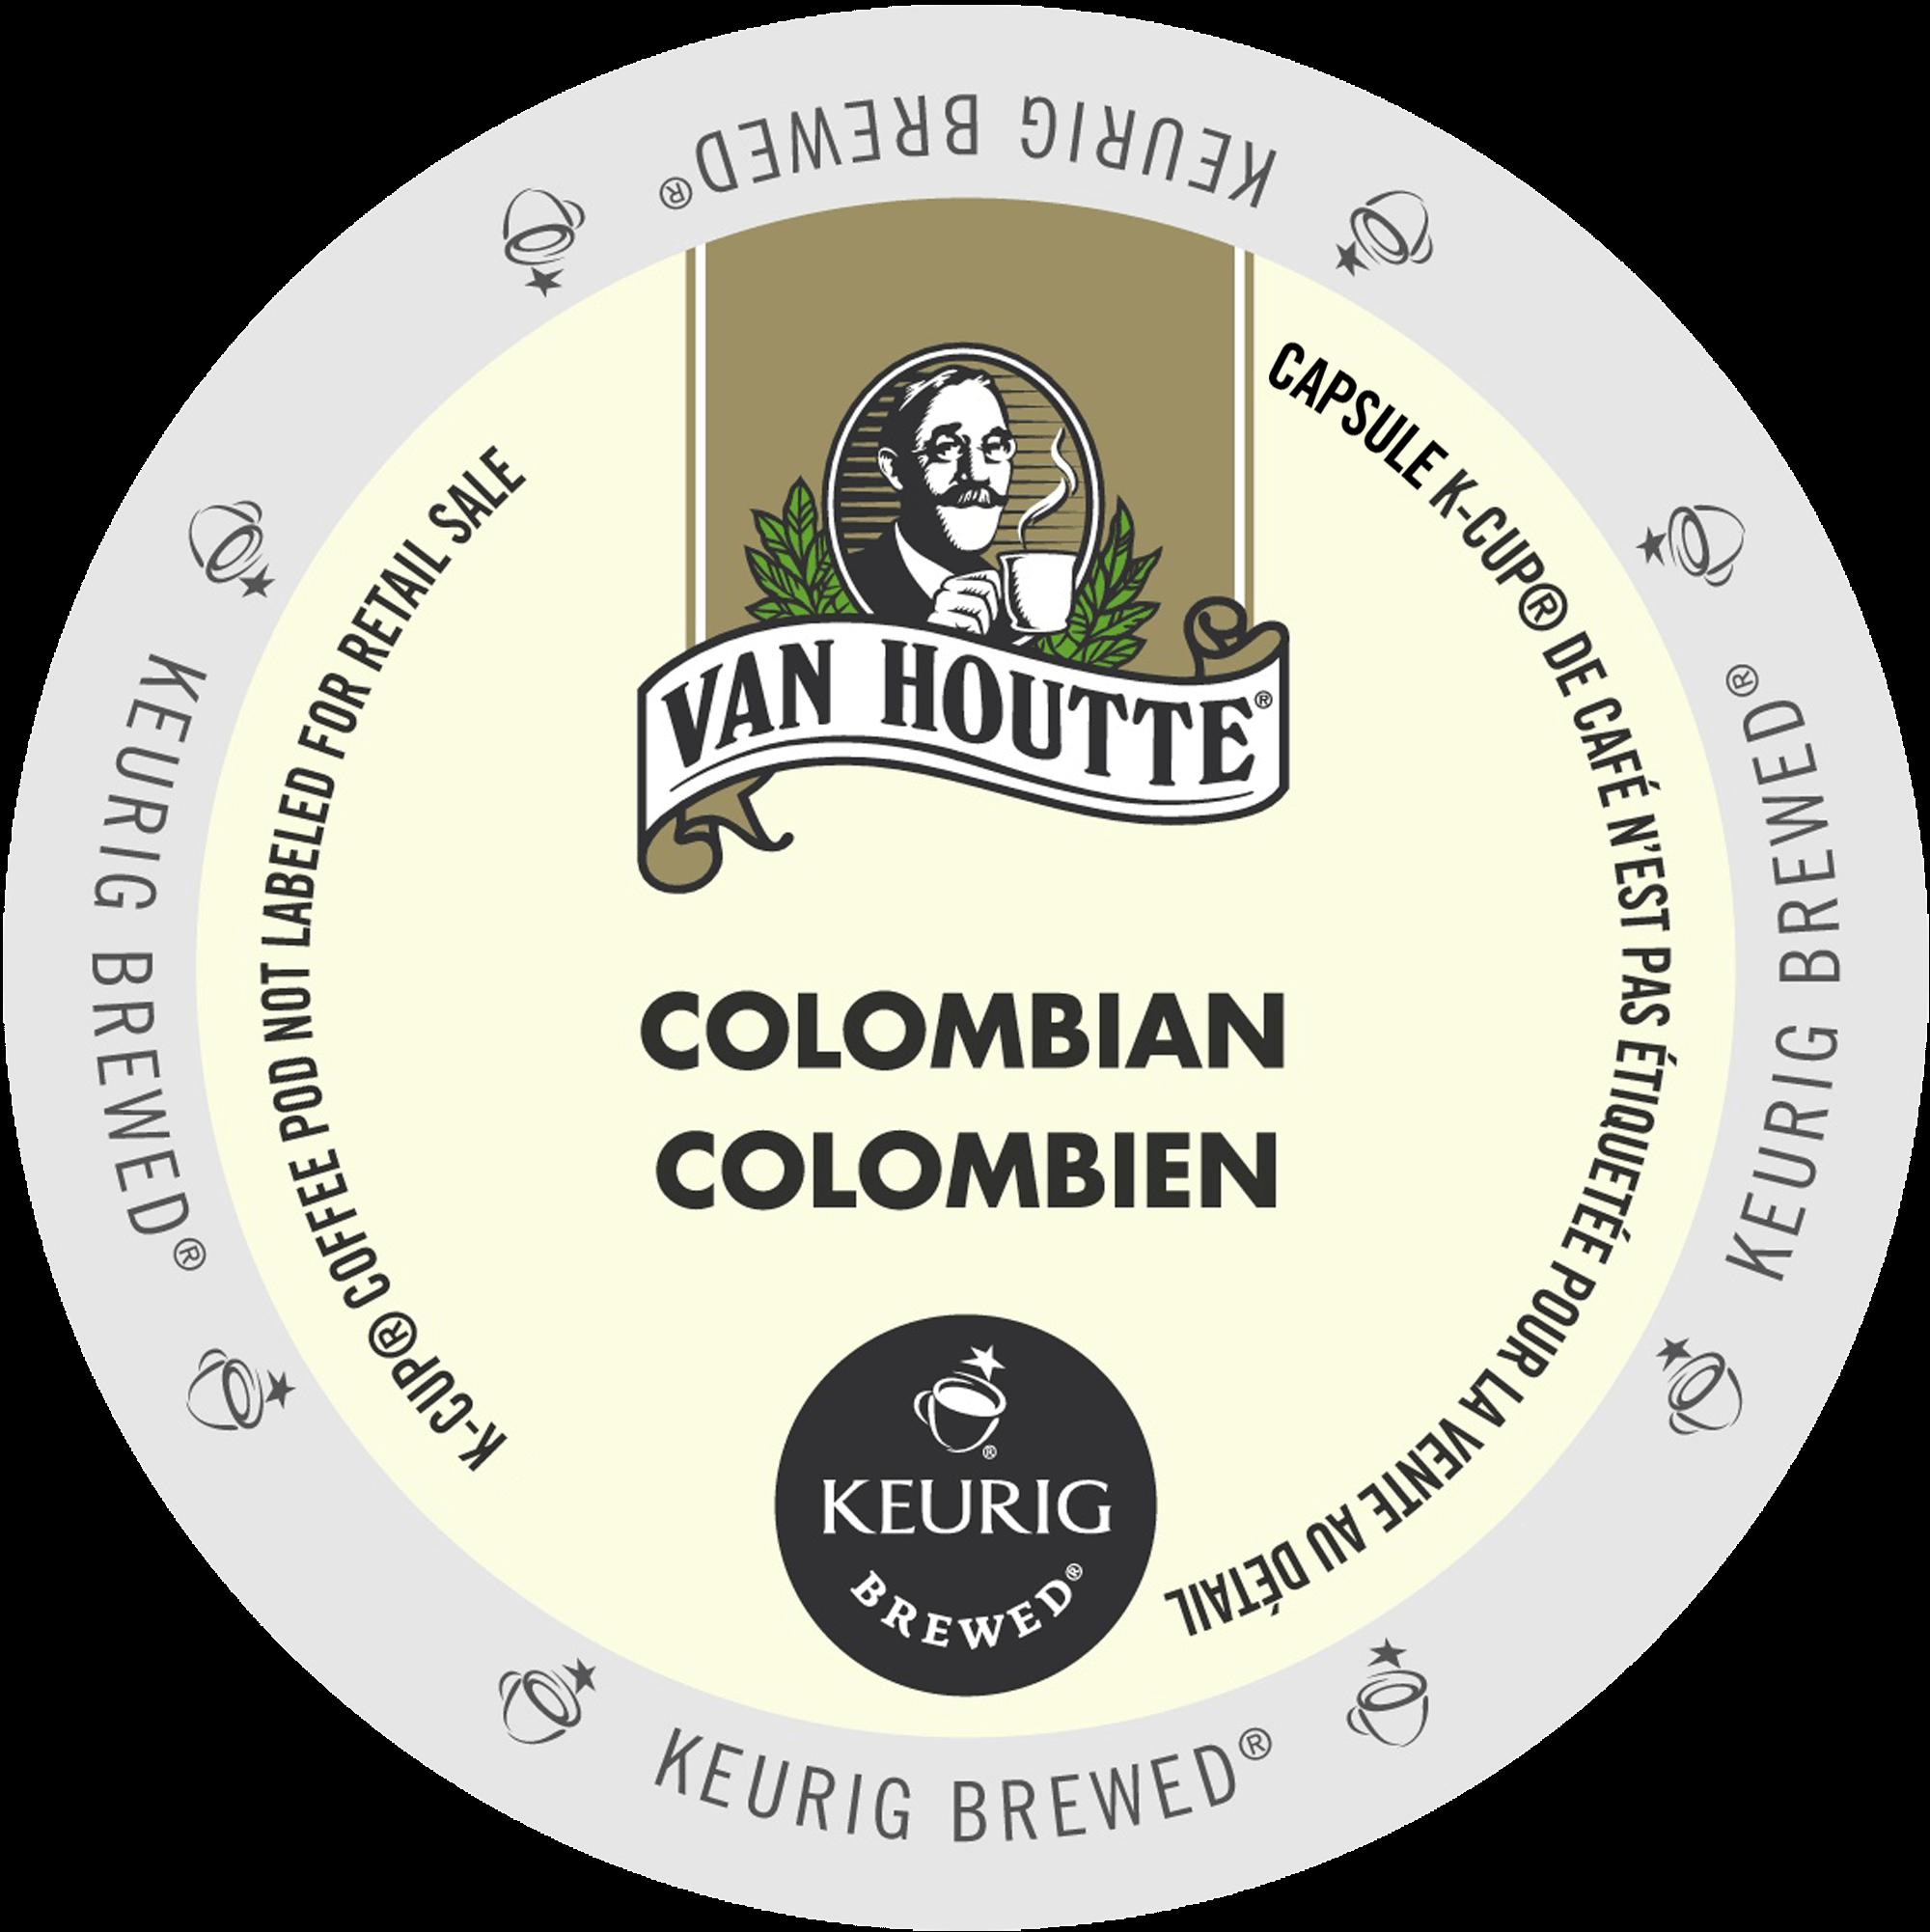 colombian-dark-coffee-van-houtte-k-cup_ca_general